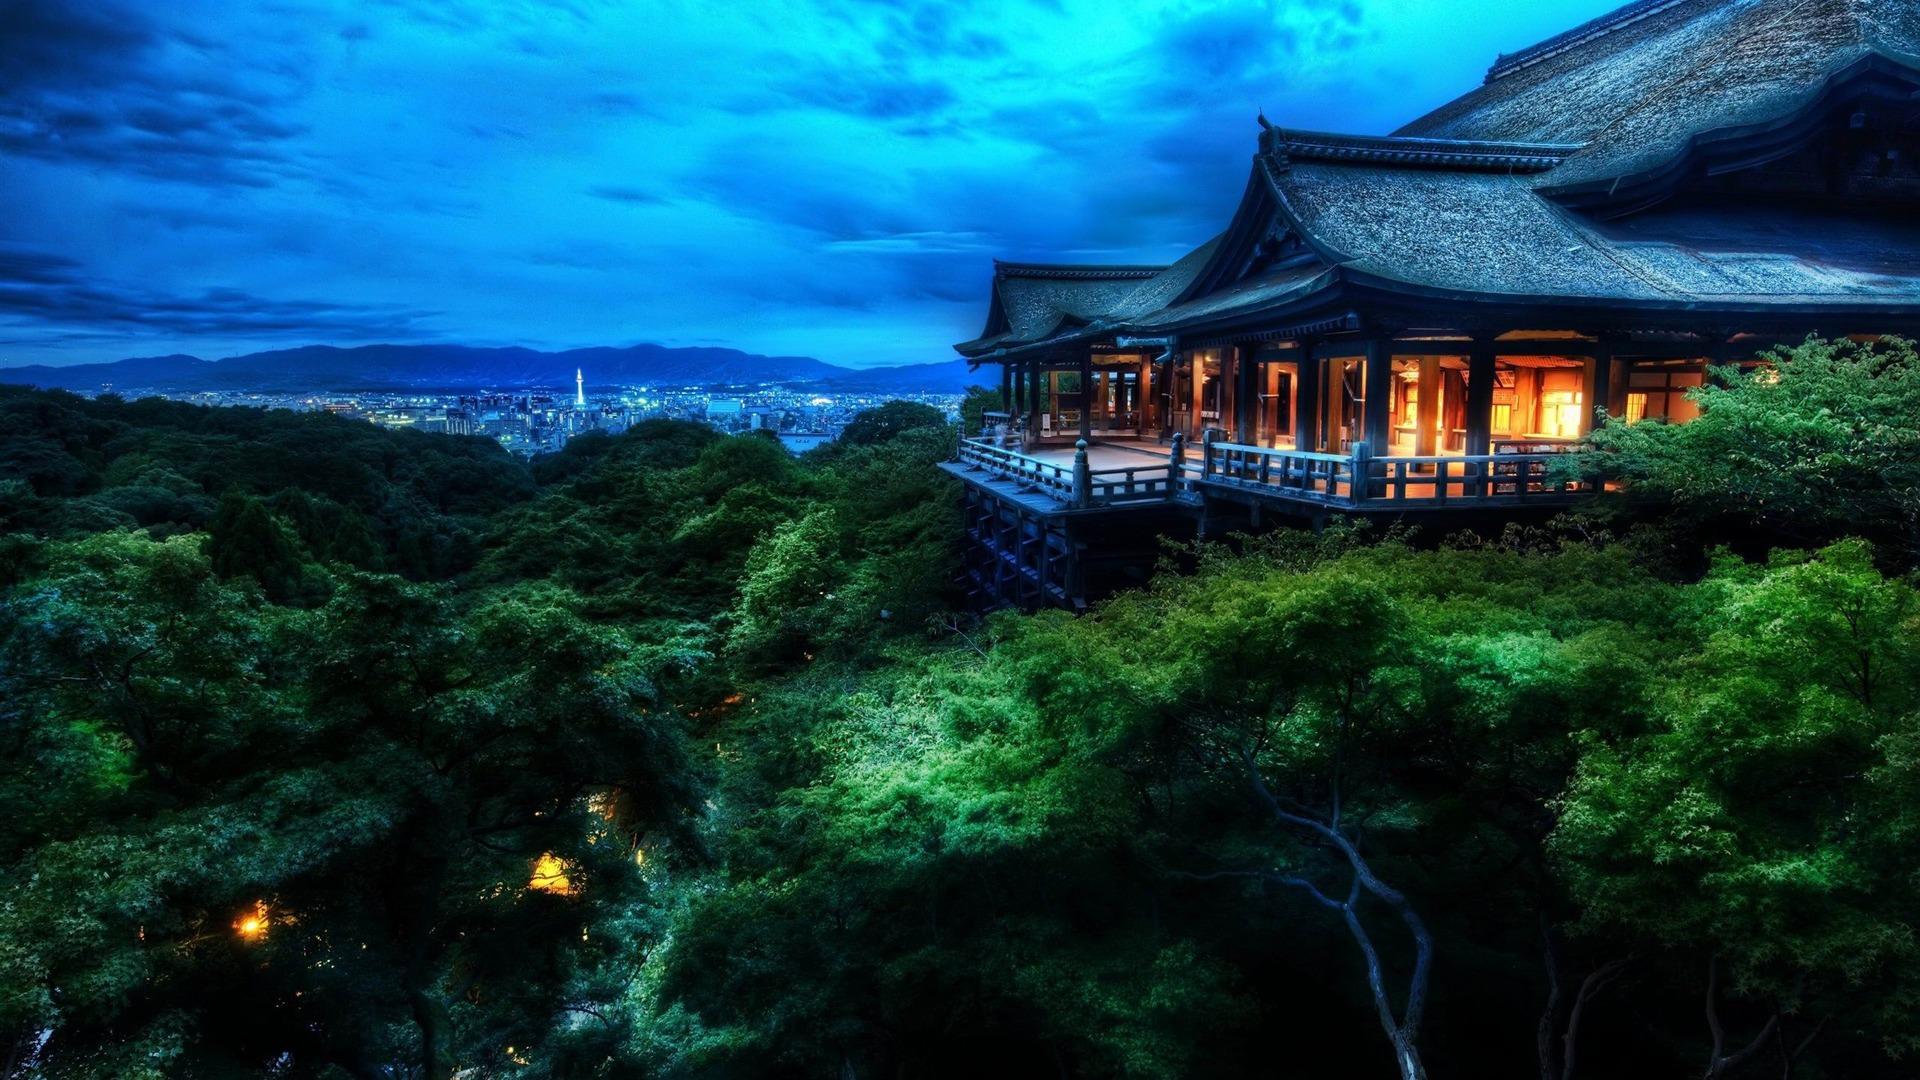 En La Noche Fondo De Pantalla De Japón Paisaje Avance